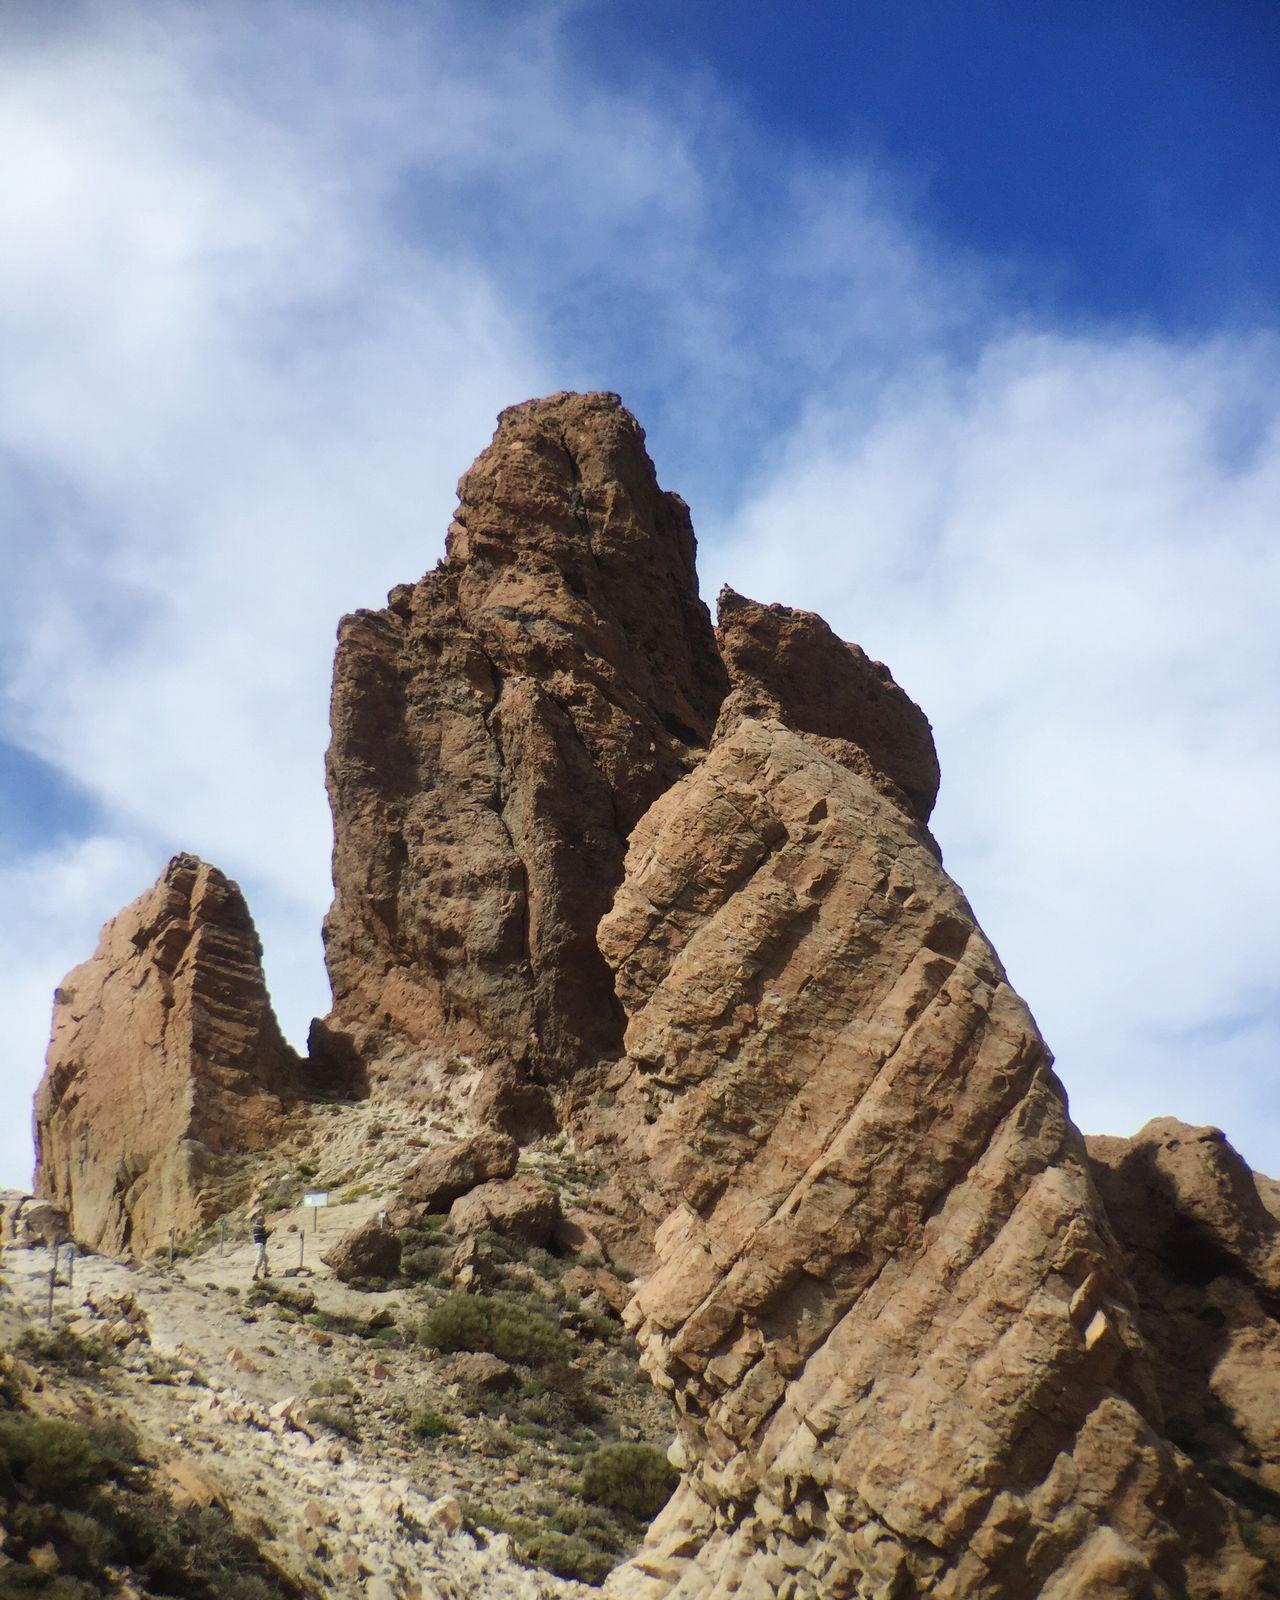 Parque Nacional Del Teide Tenerife Mountain Rock Formation